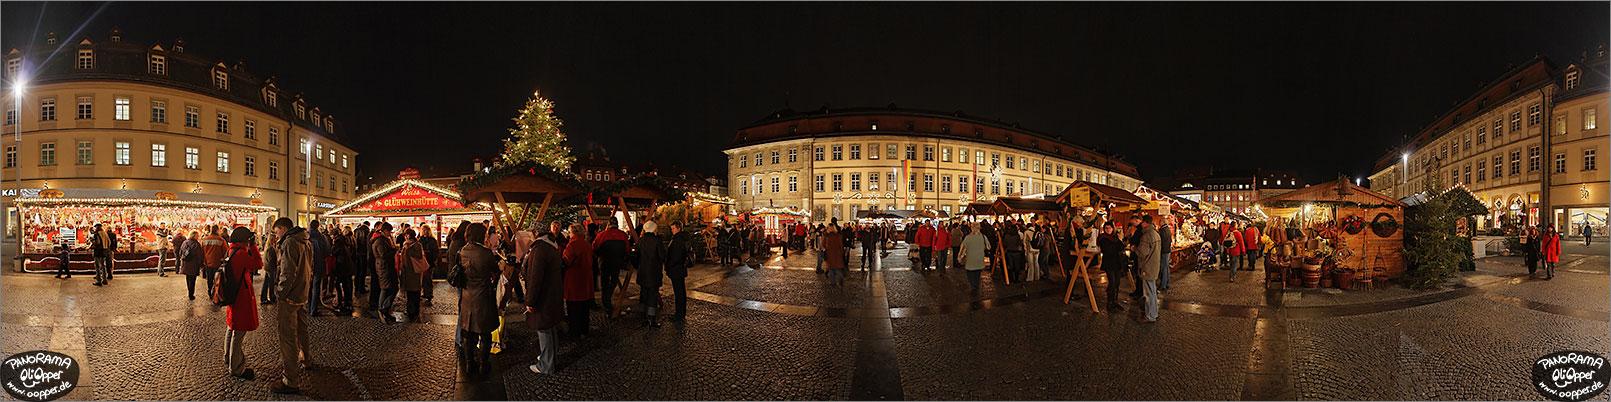 Weihnachtsmarkt Bamberg.Weihnachtsmarkt Bamberg Maxplatz P013